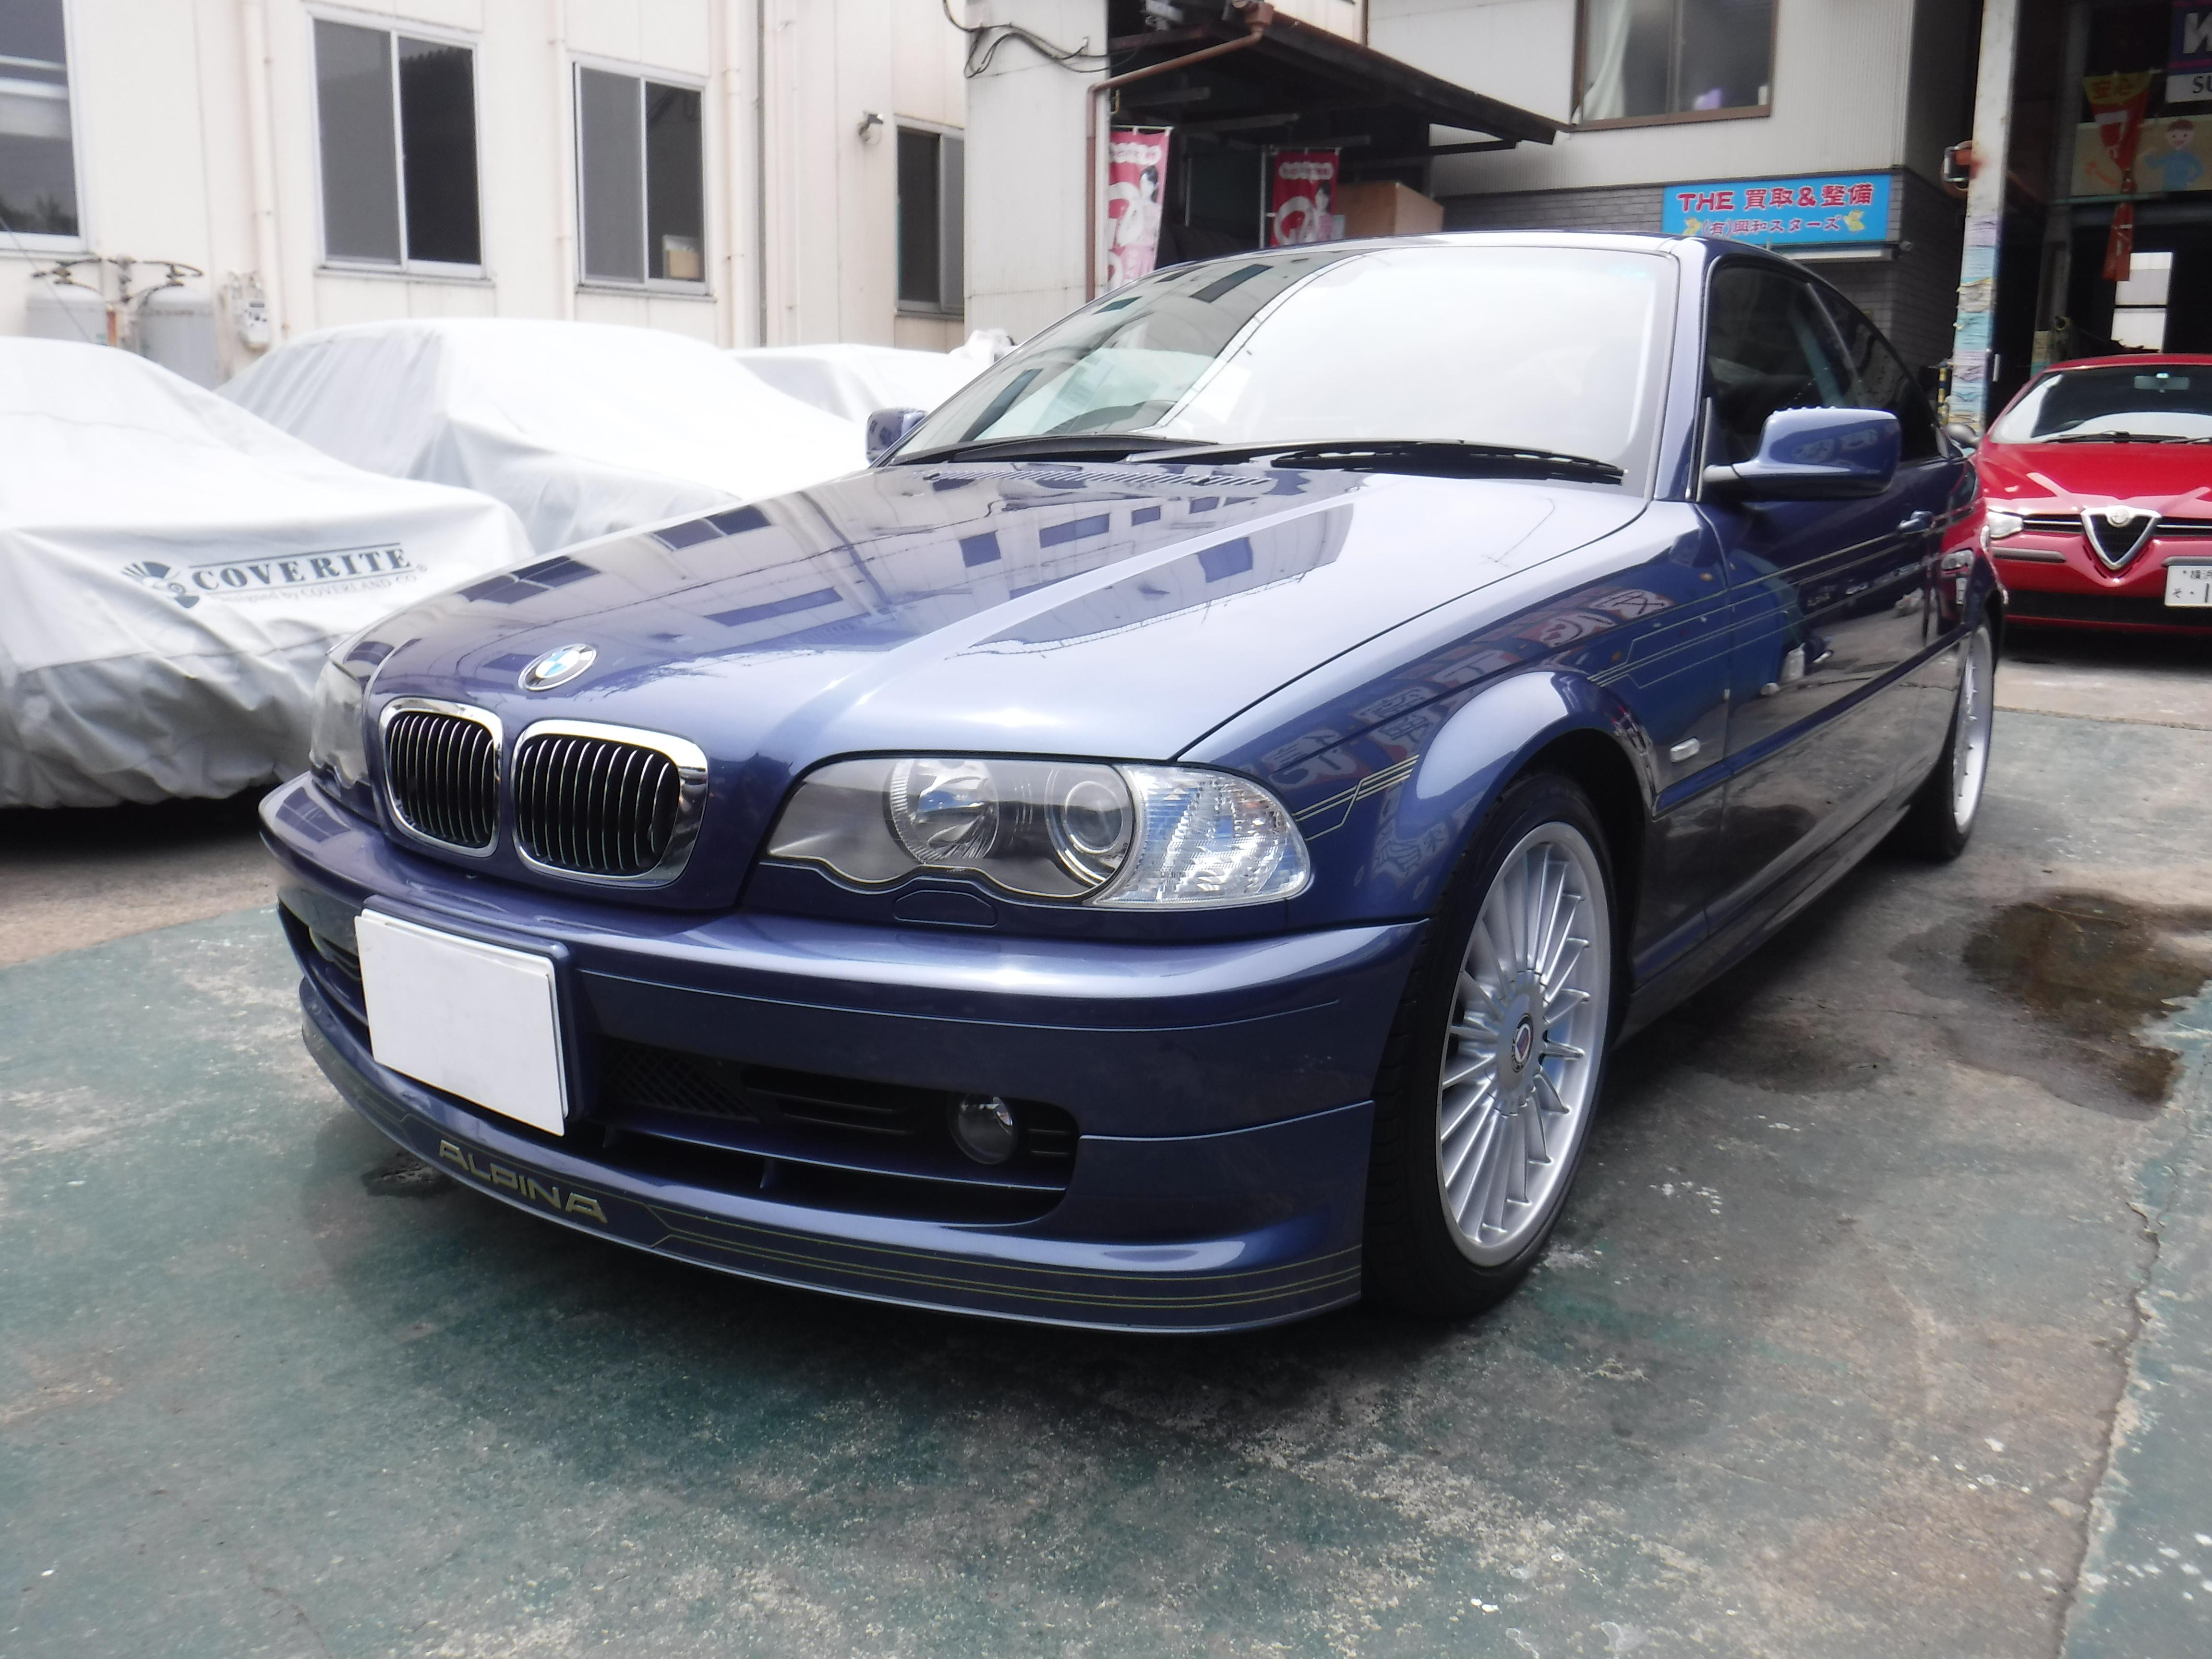 BMWアルピナ E46 B3クーペ